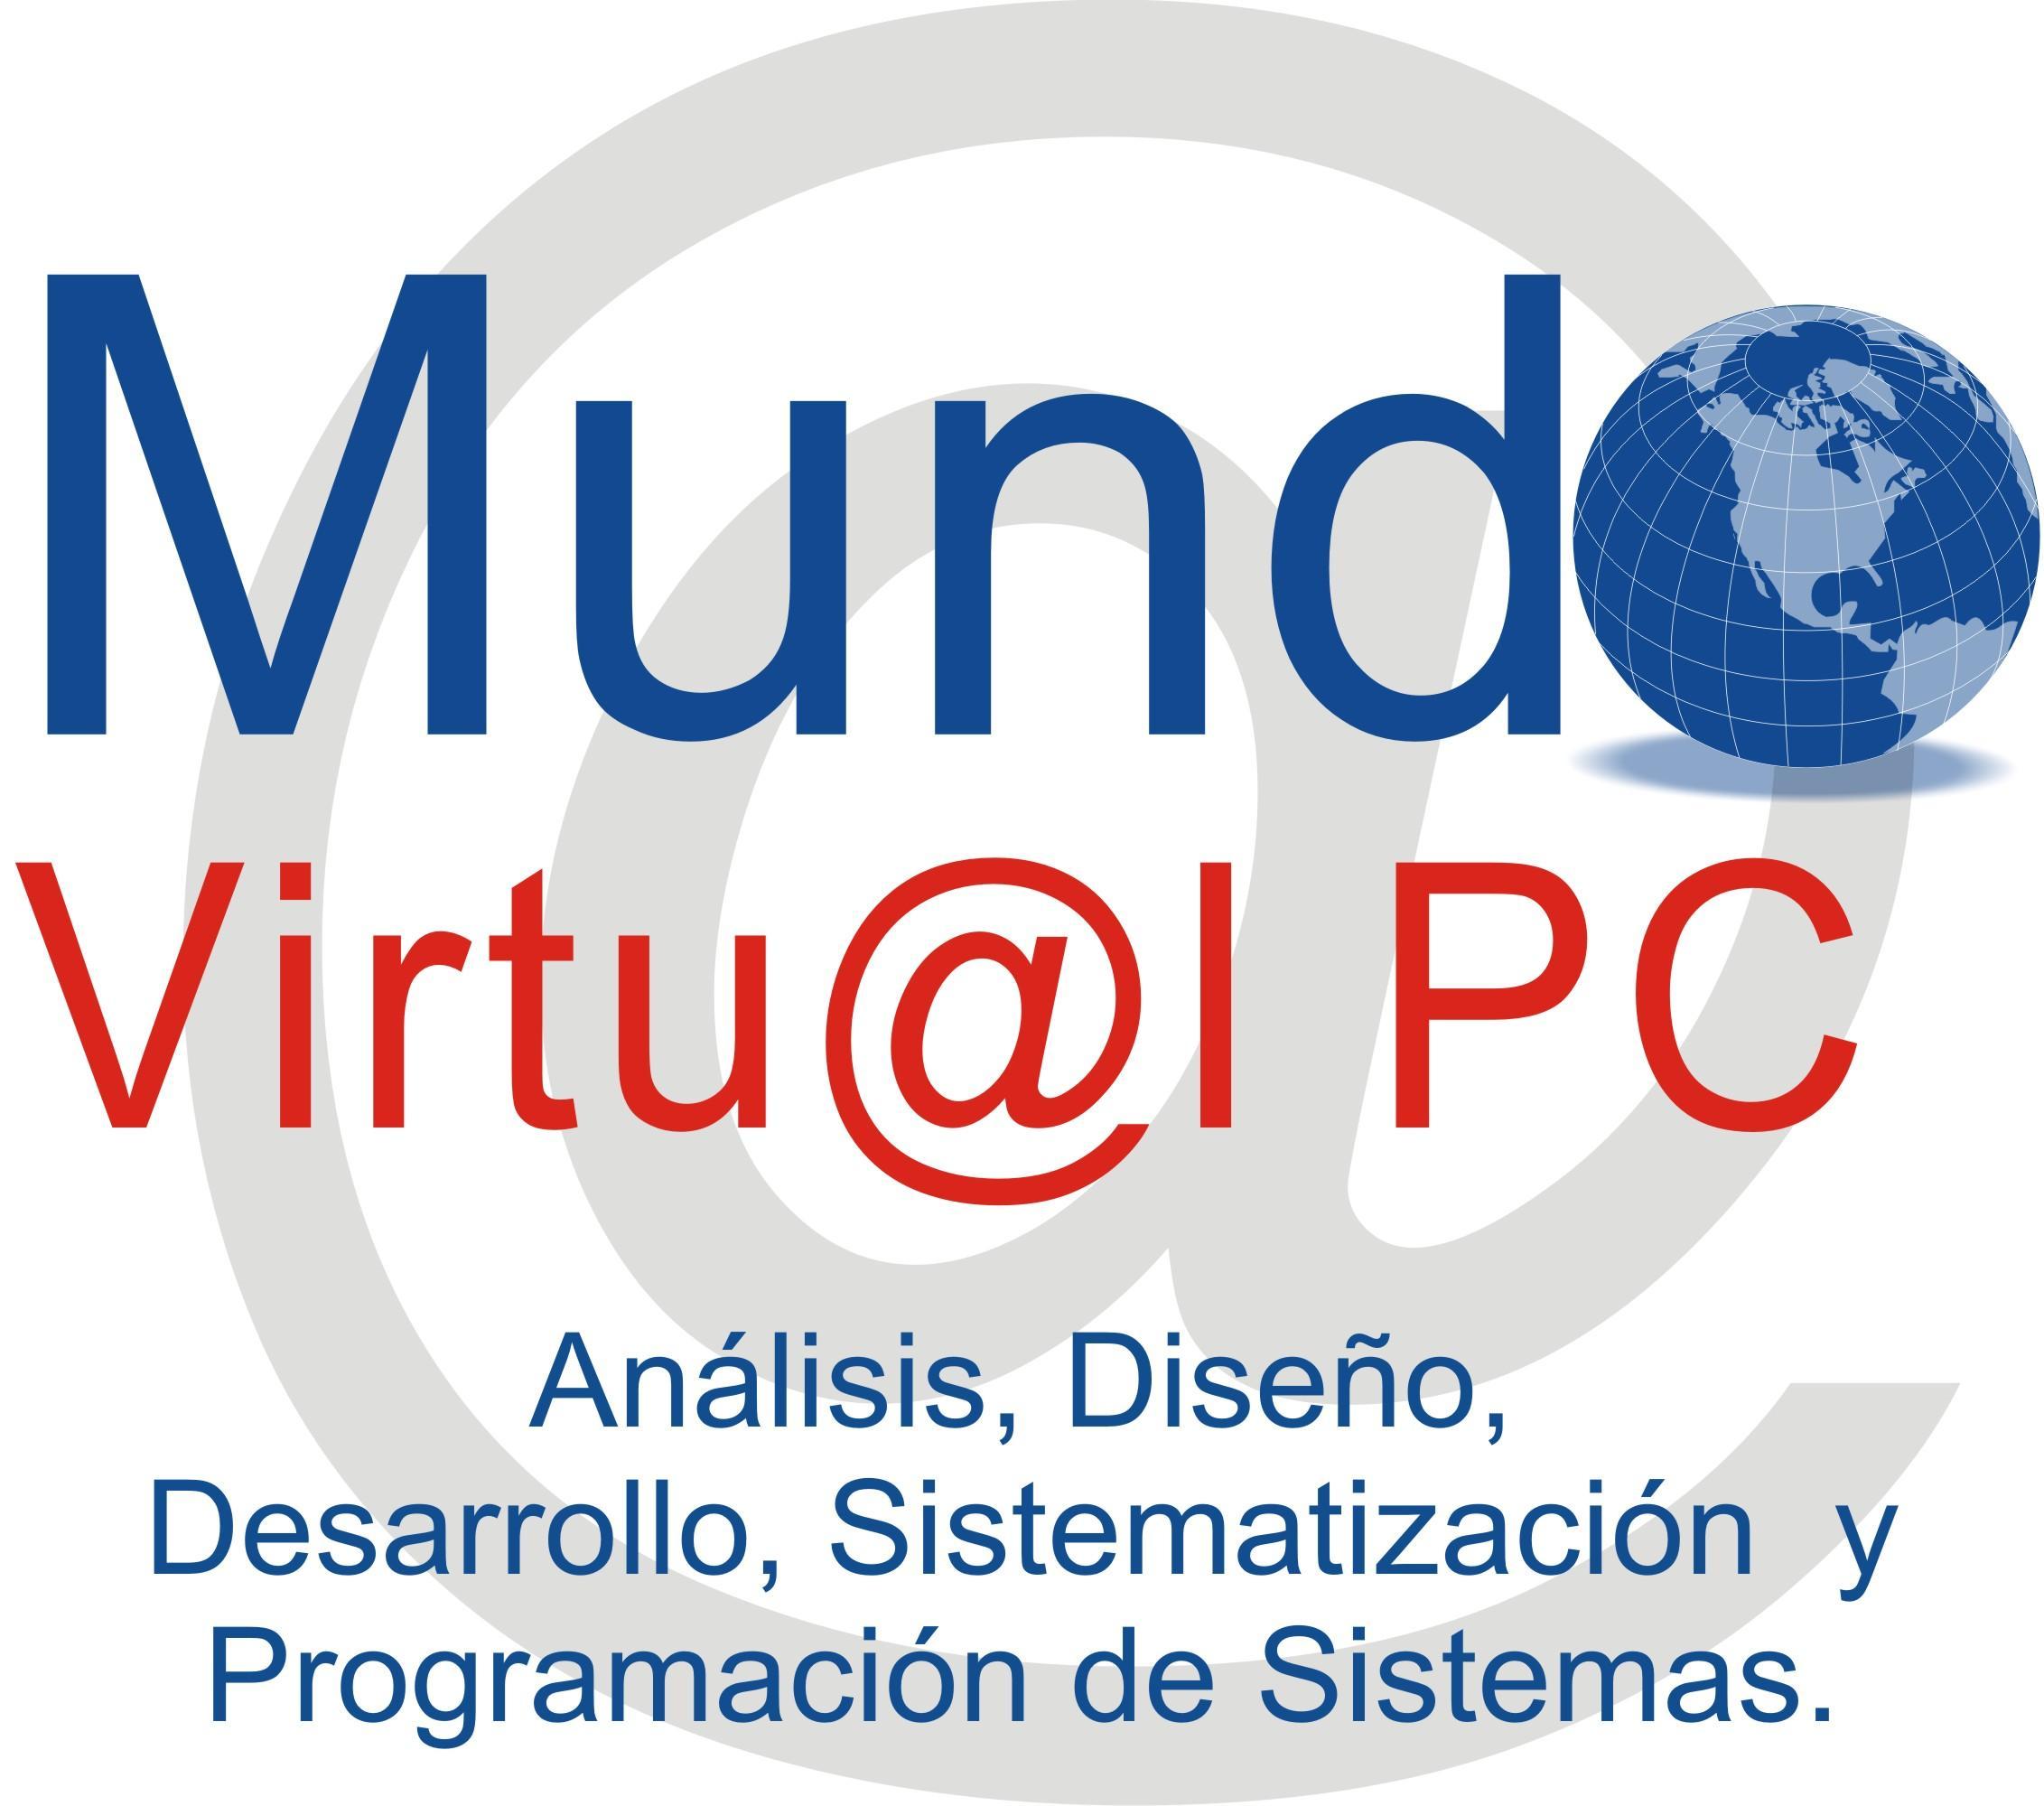 MUNDO VIRTUAL PC